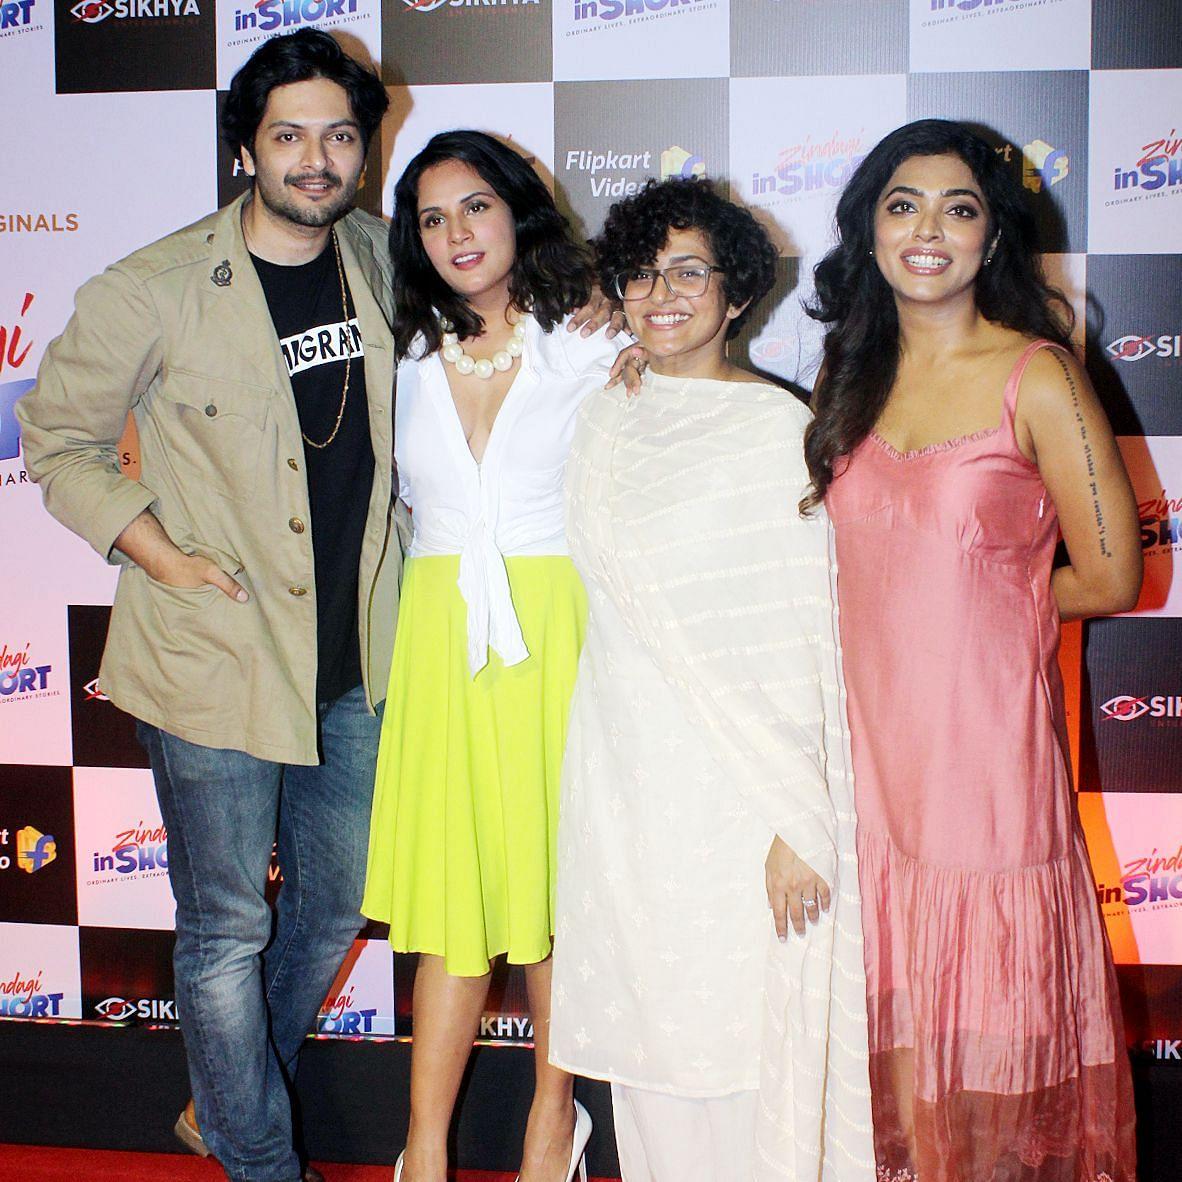 Ali Fazal, Richa Chaddha, Parvathy Thiruvothu and Rima Kallingal at the premiere of <i>Zindagi in Short.</i>